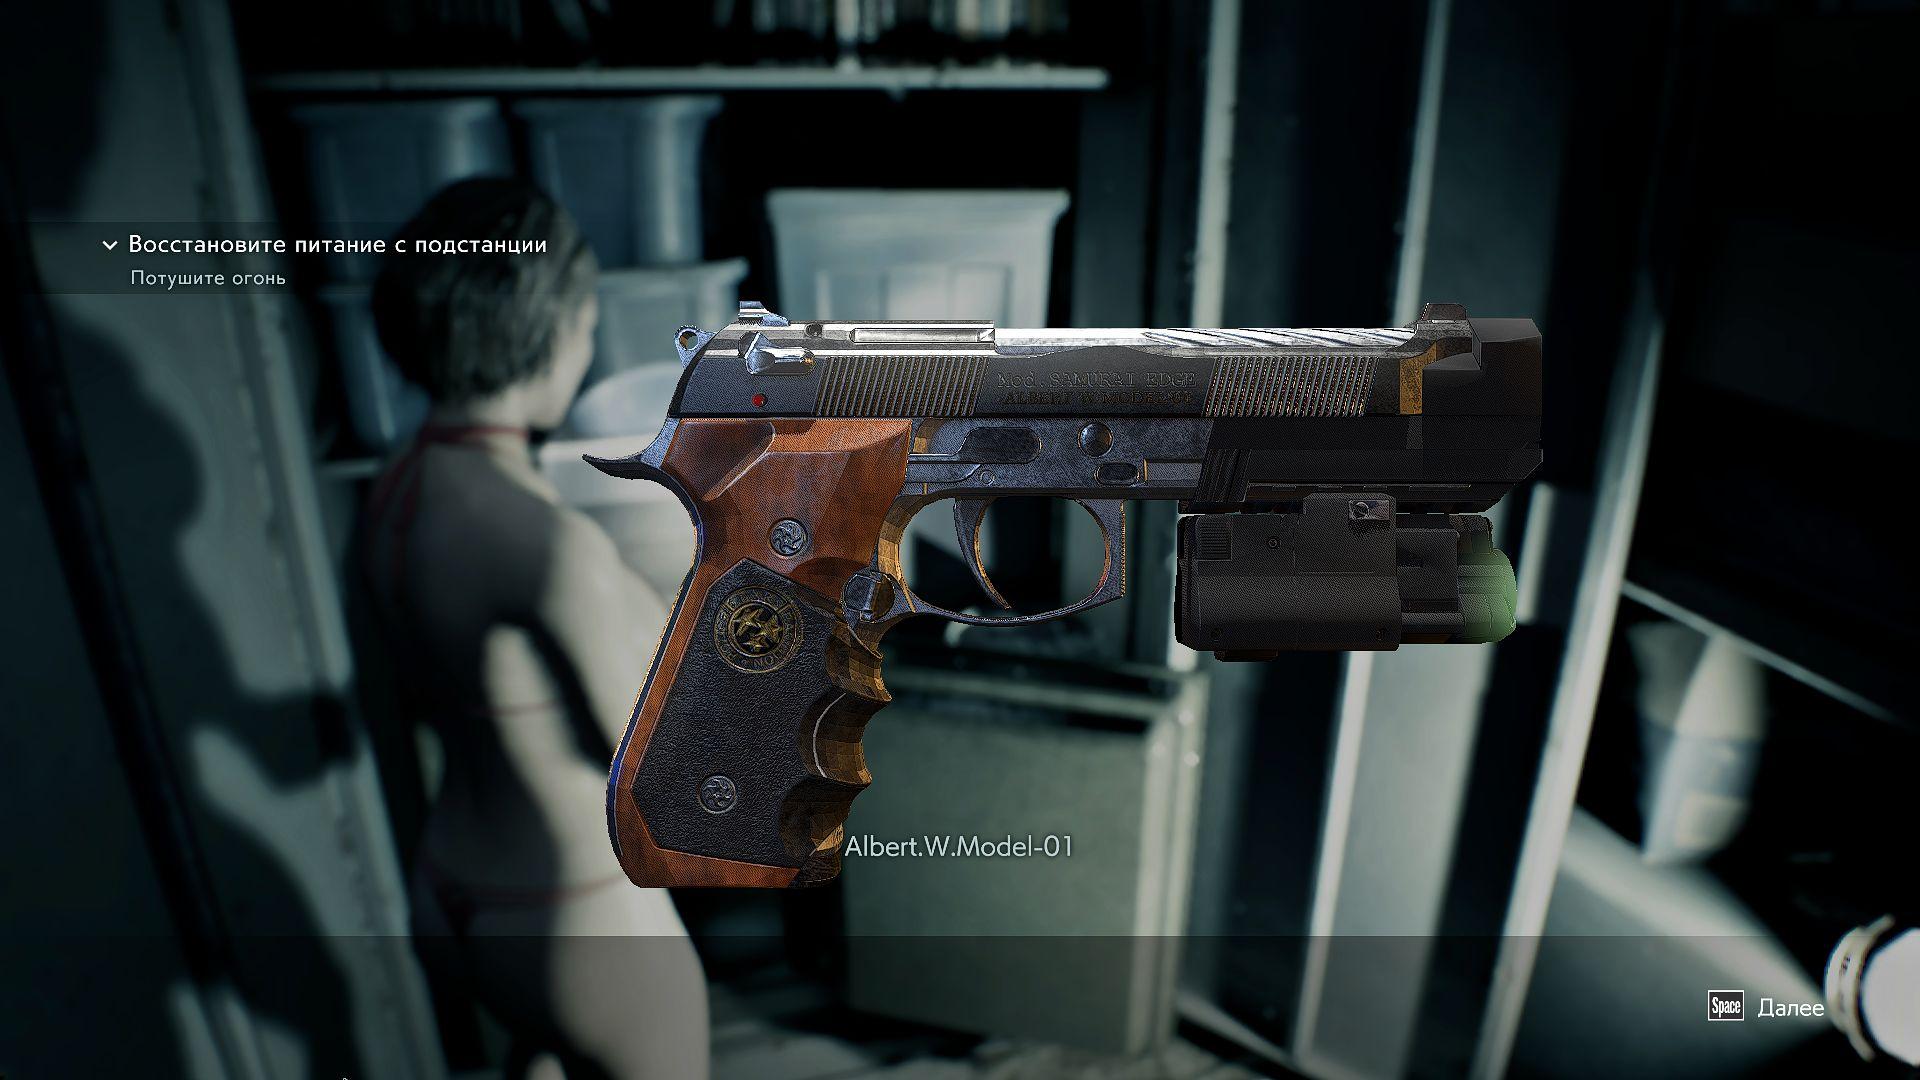 000924.Jpg - Resident Evil 3: Nemesis